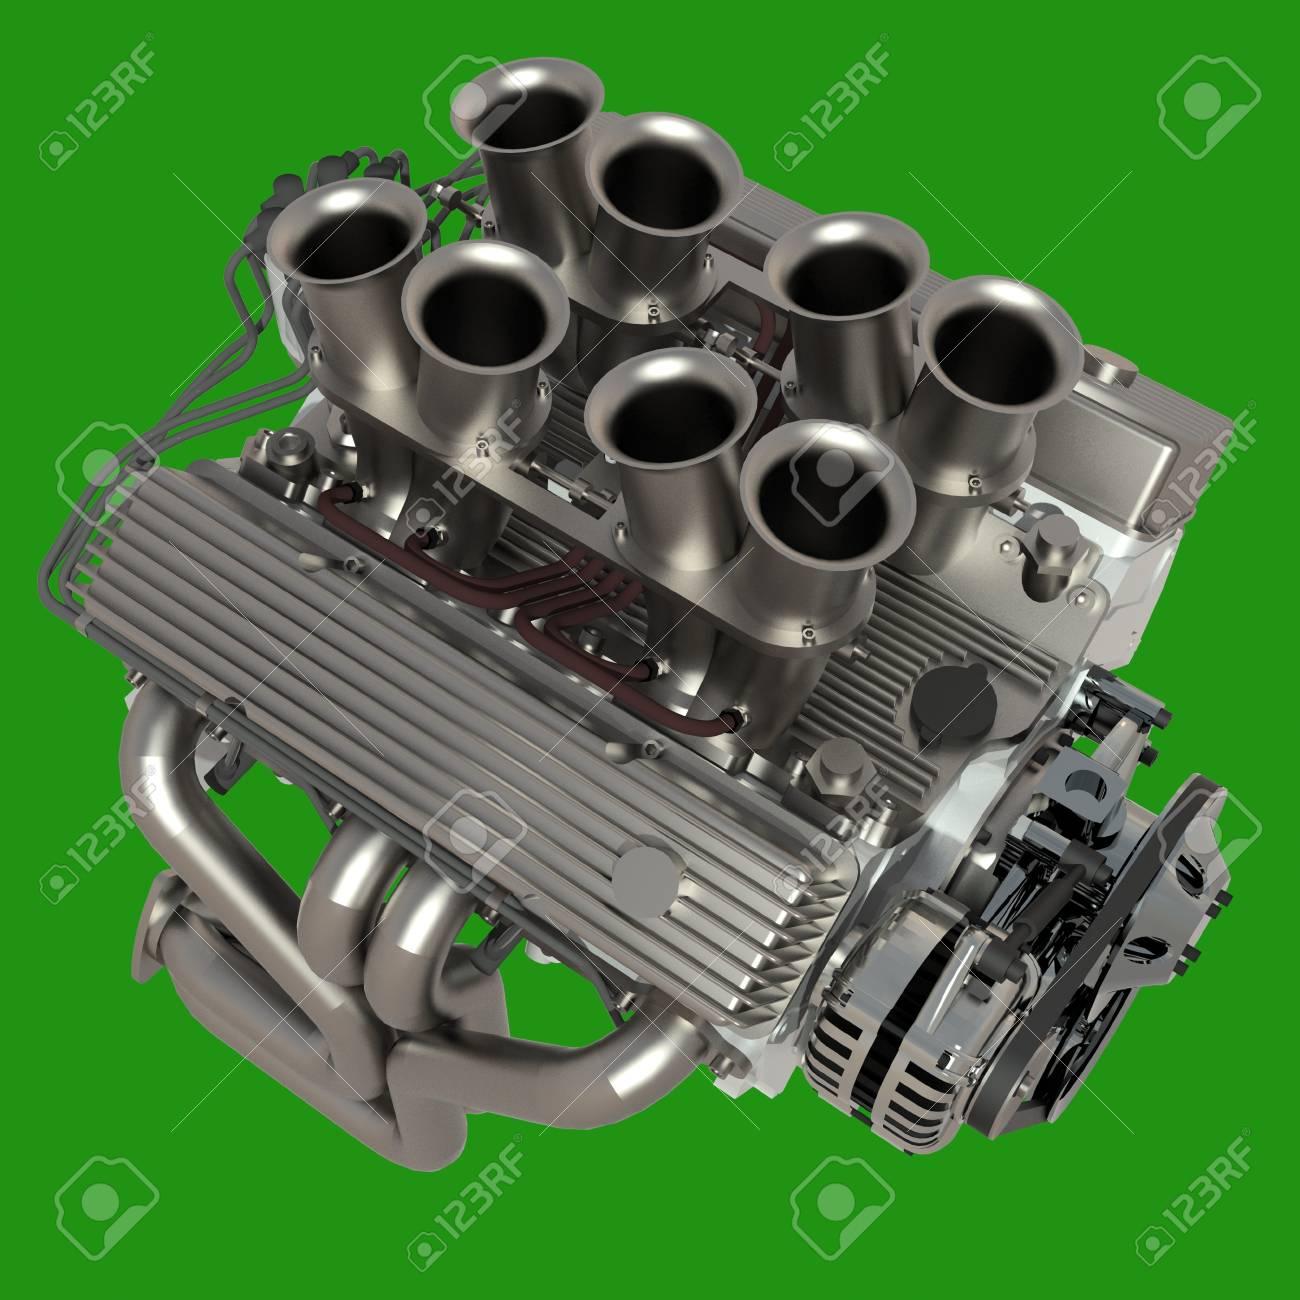 Auto-Motor. Konzept Des Modernen Automotor Auf Grünem Hintergrund ...